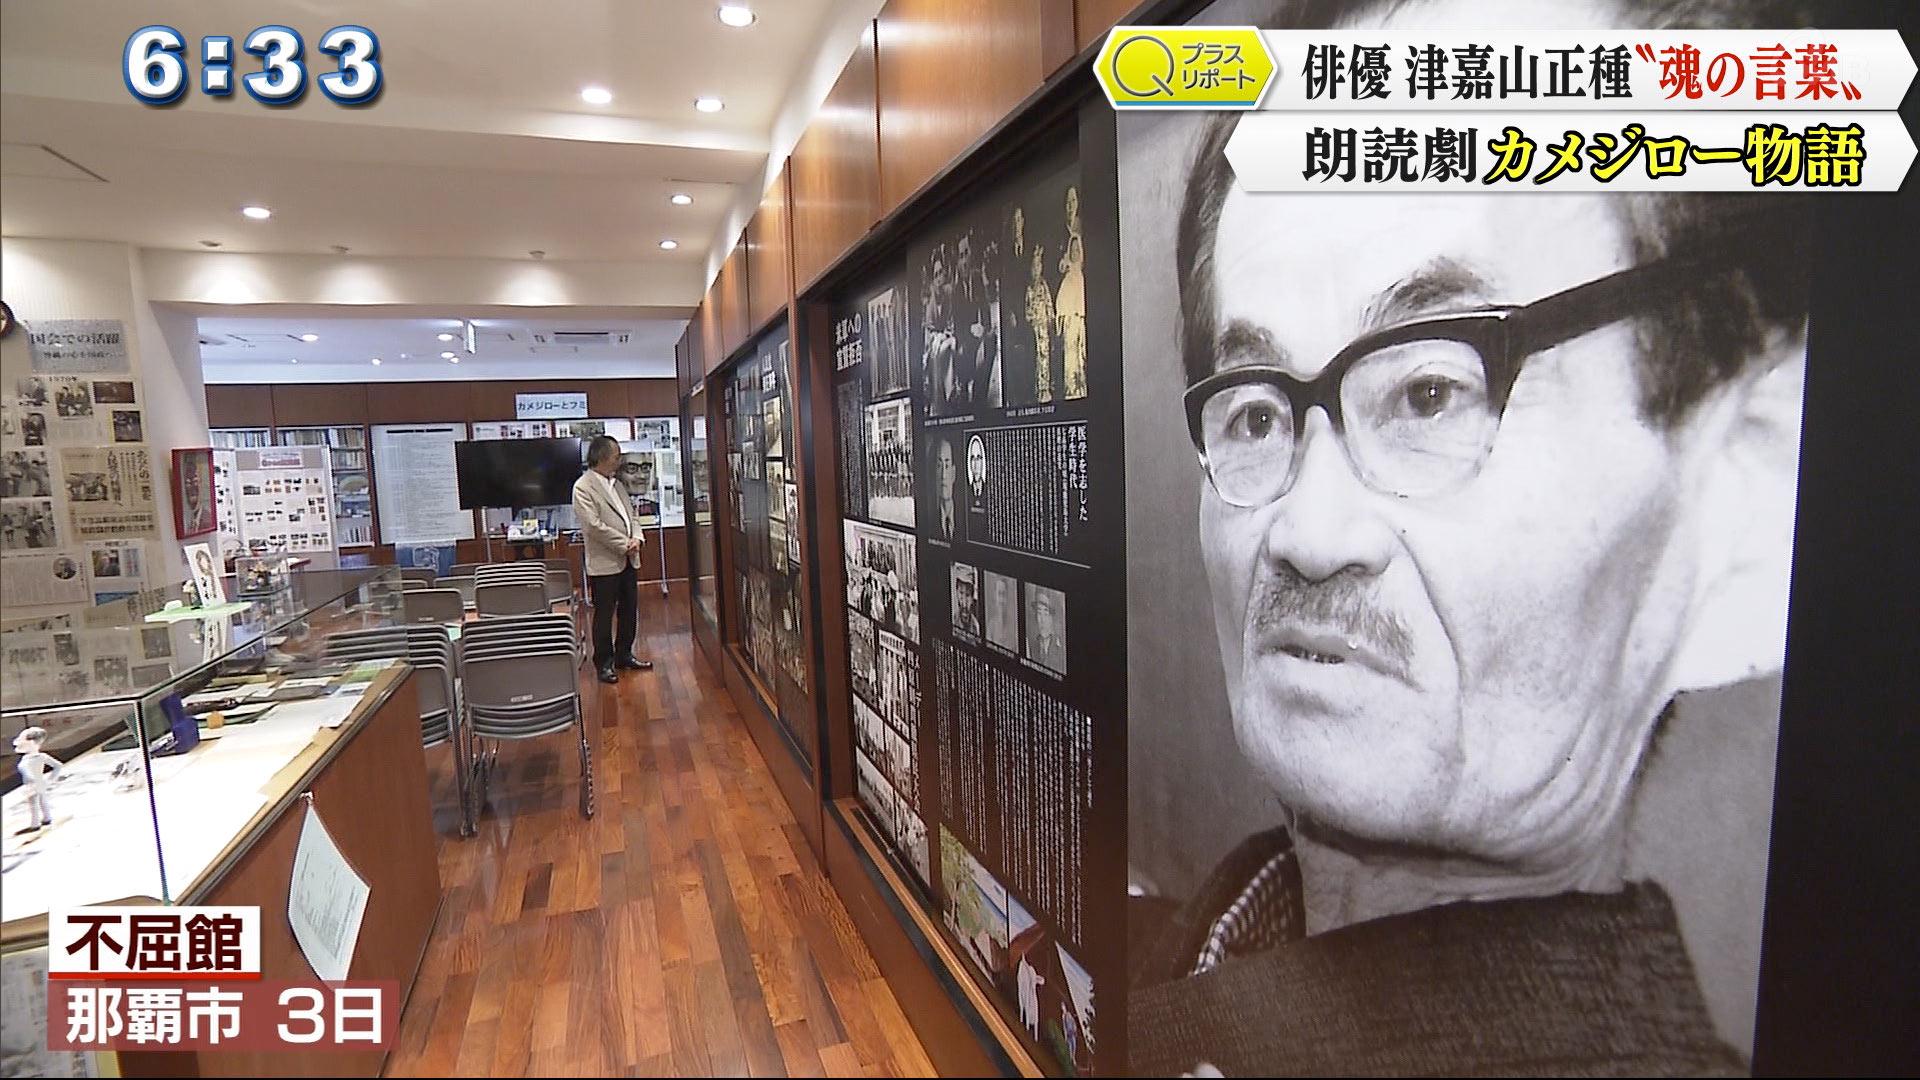 上演のおよそ10日前、津嘉山さんは瀬長亀次郎の功績を伝える「不屈館」にいました。